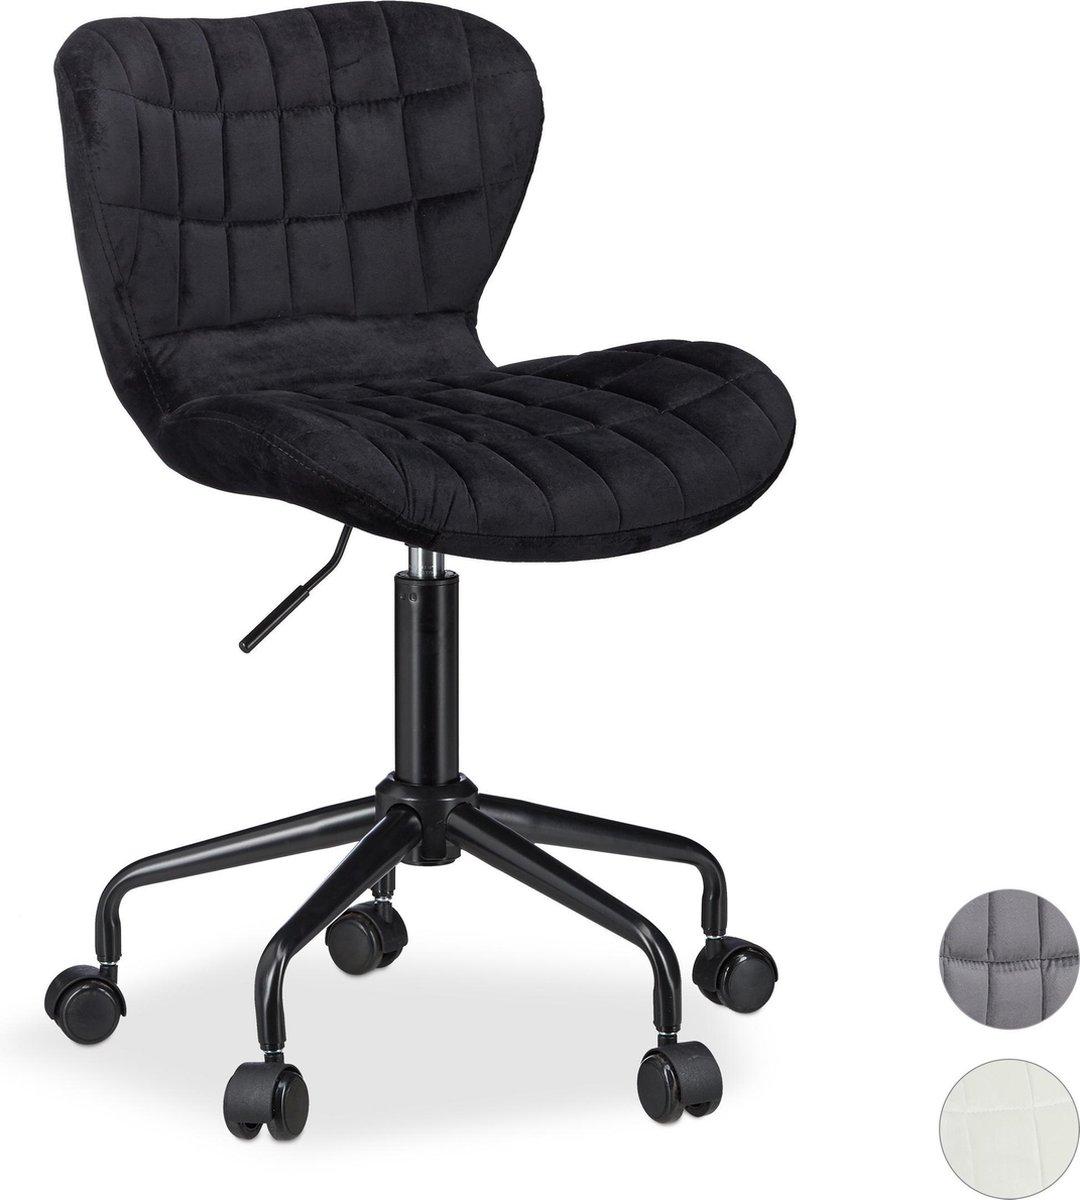 relaxdays bureaustoel - directiestoel - computerstoel - hoogte verstelbaar - burostoel zwart